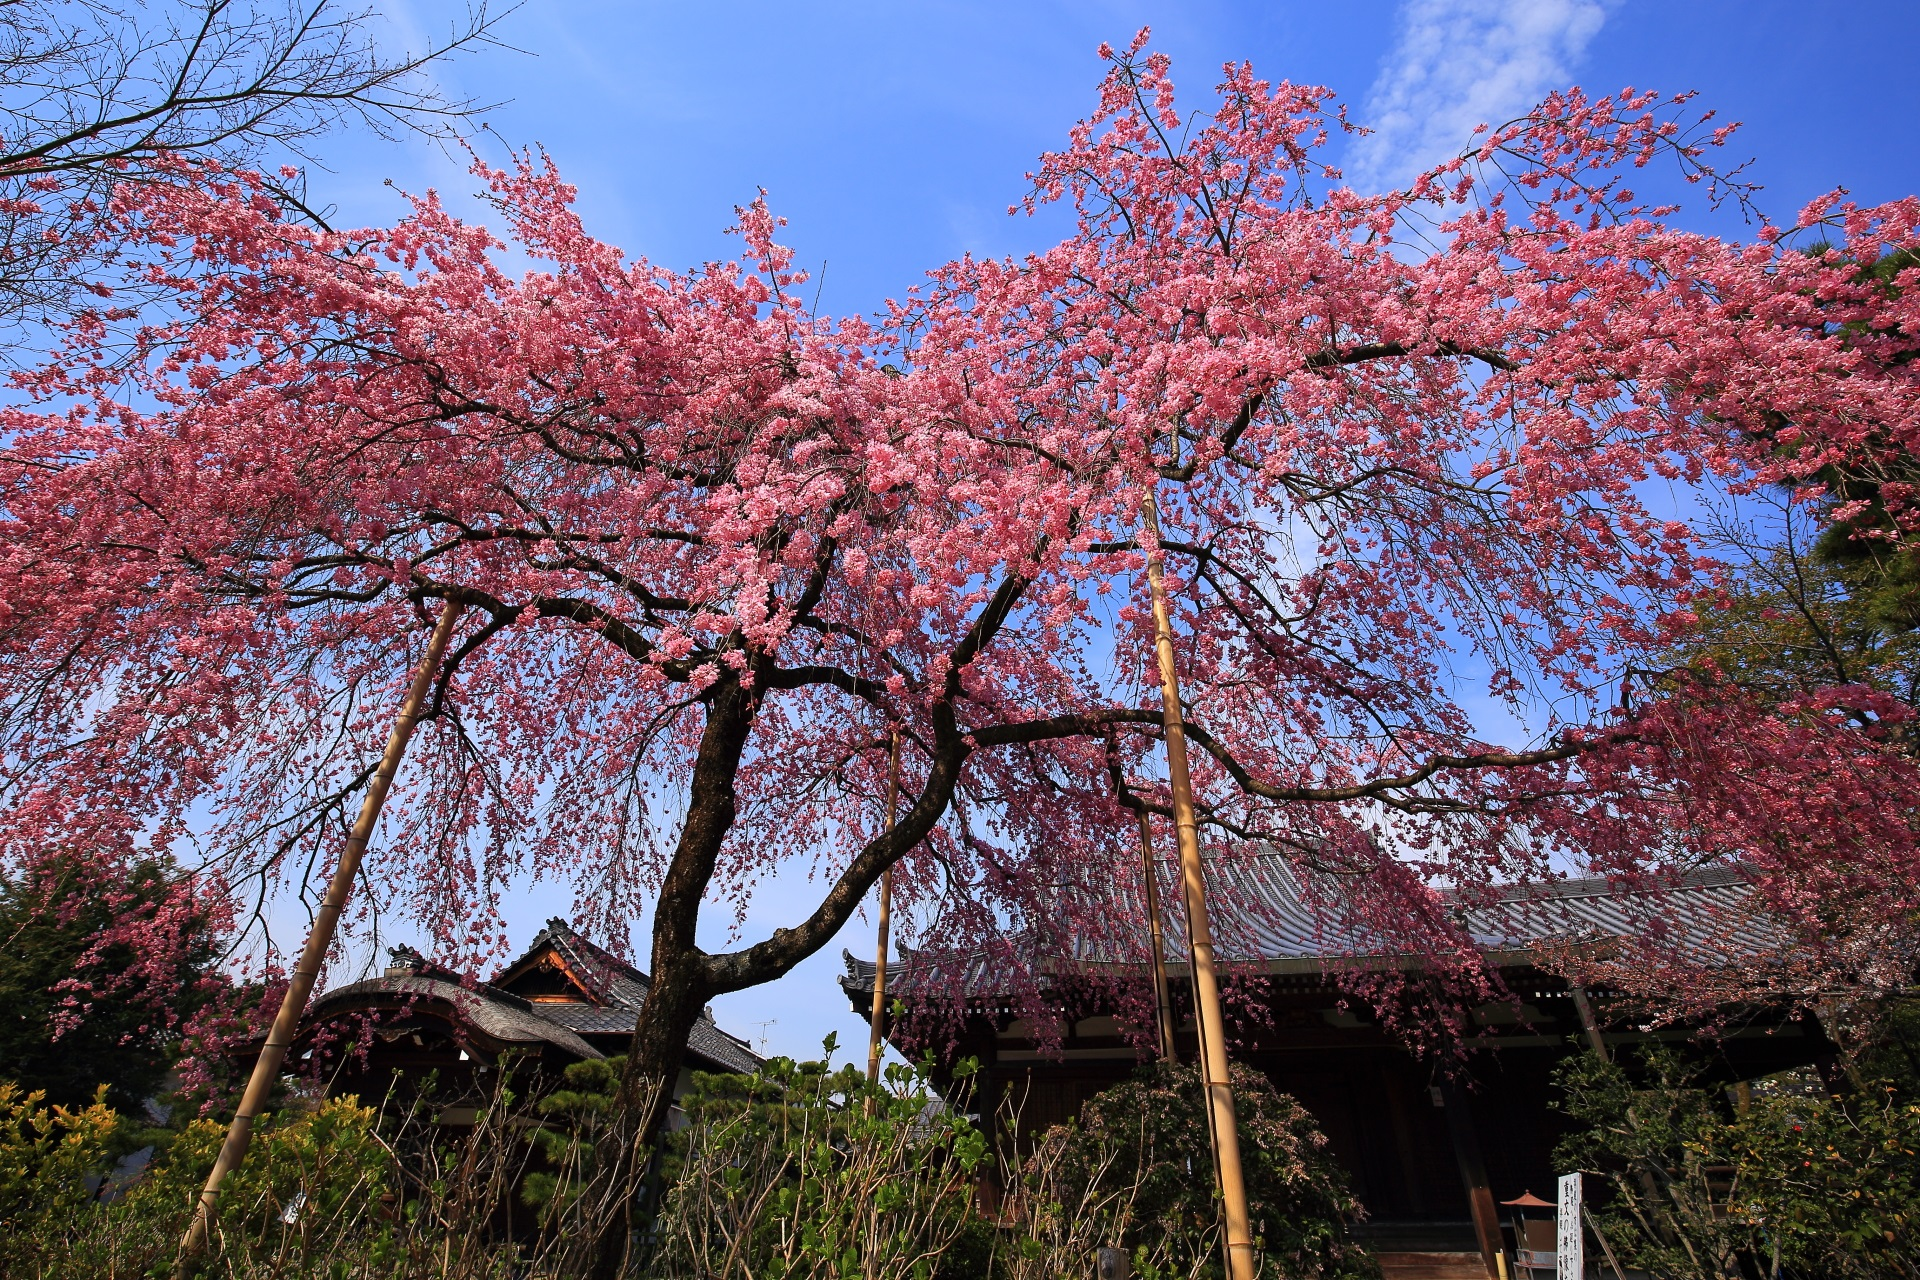 最後の青空となった法金剛院の桜